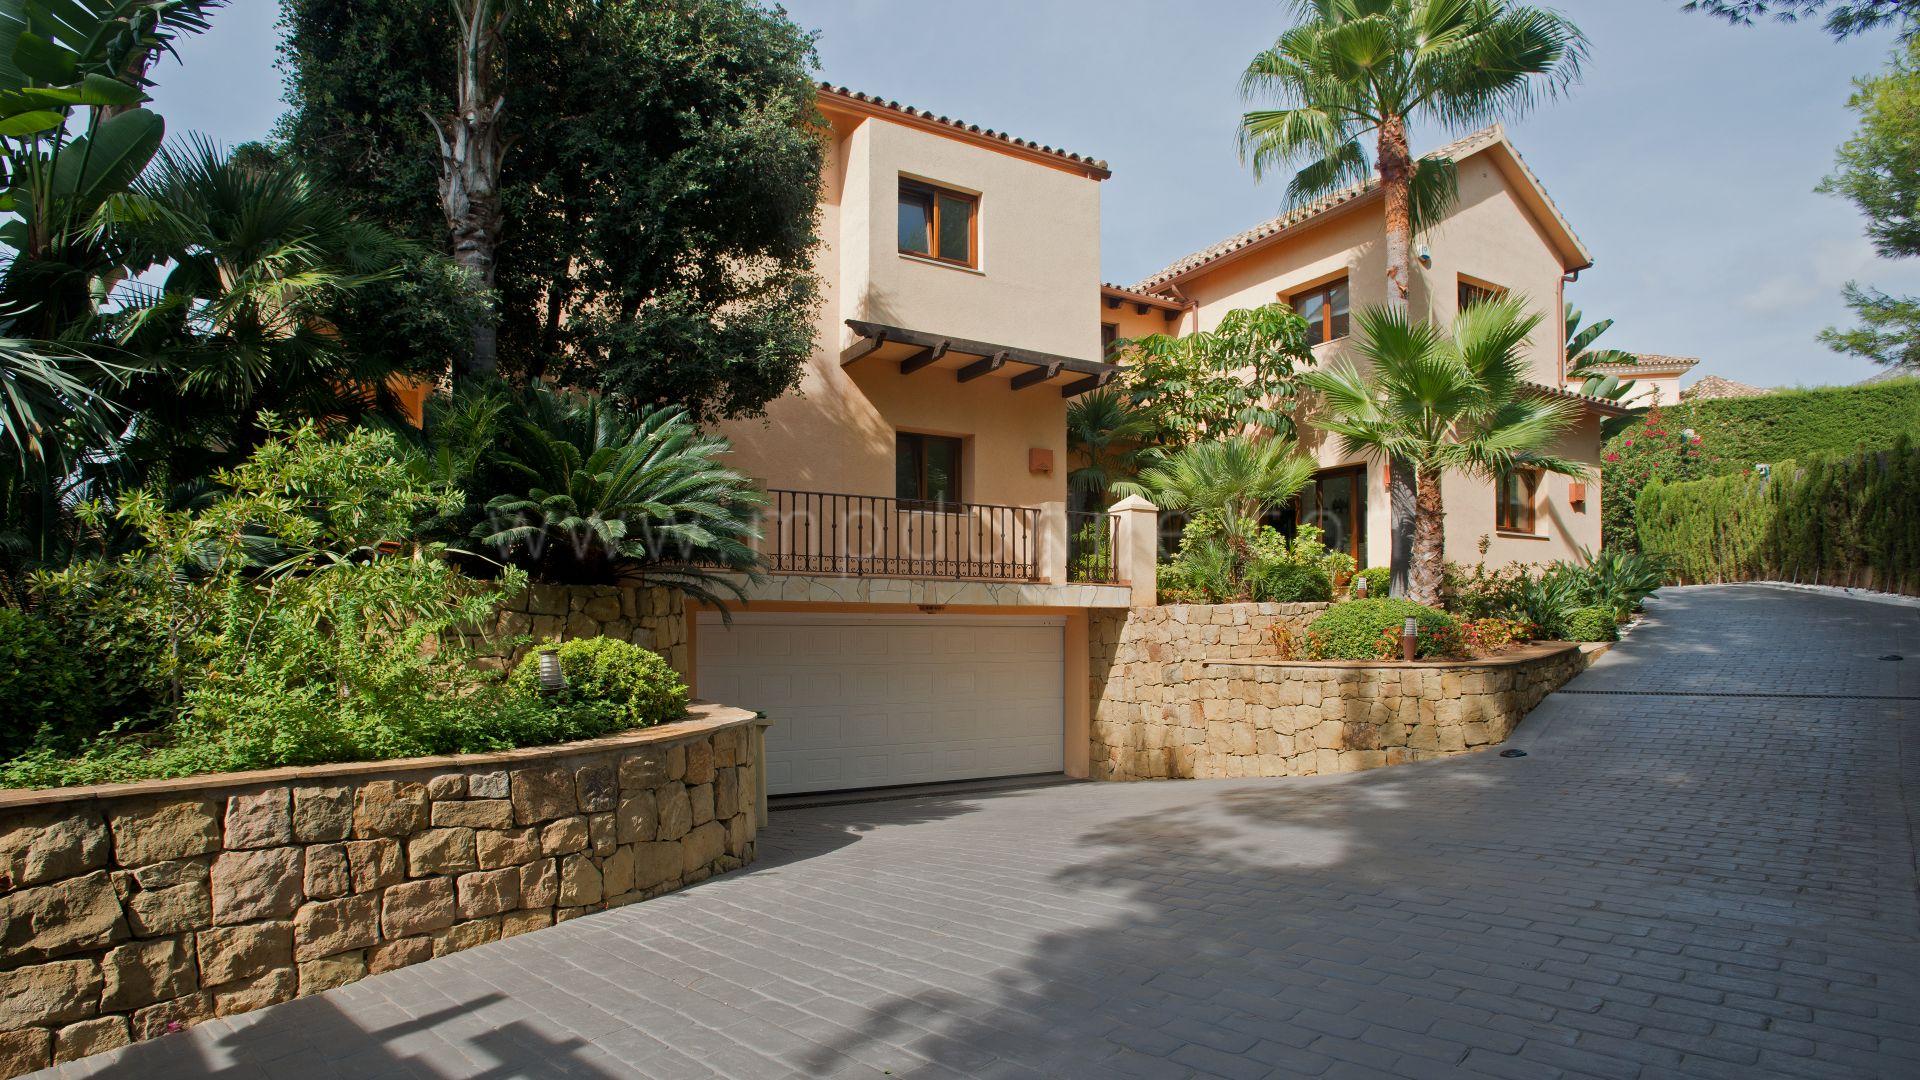 Sierra Blanca Milla De Oro De Marbella Encantadora Villa